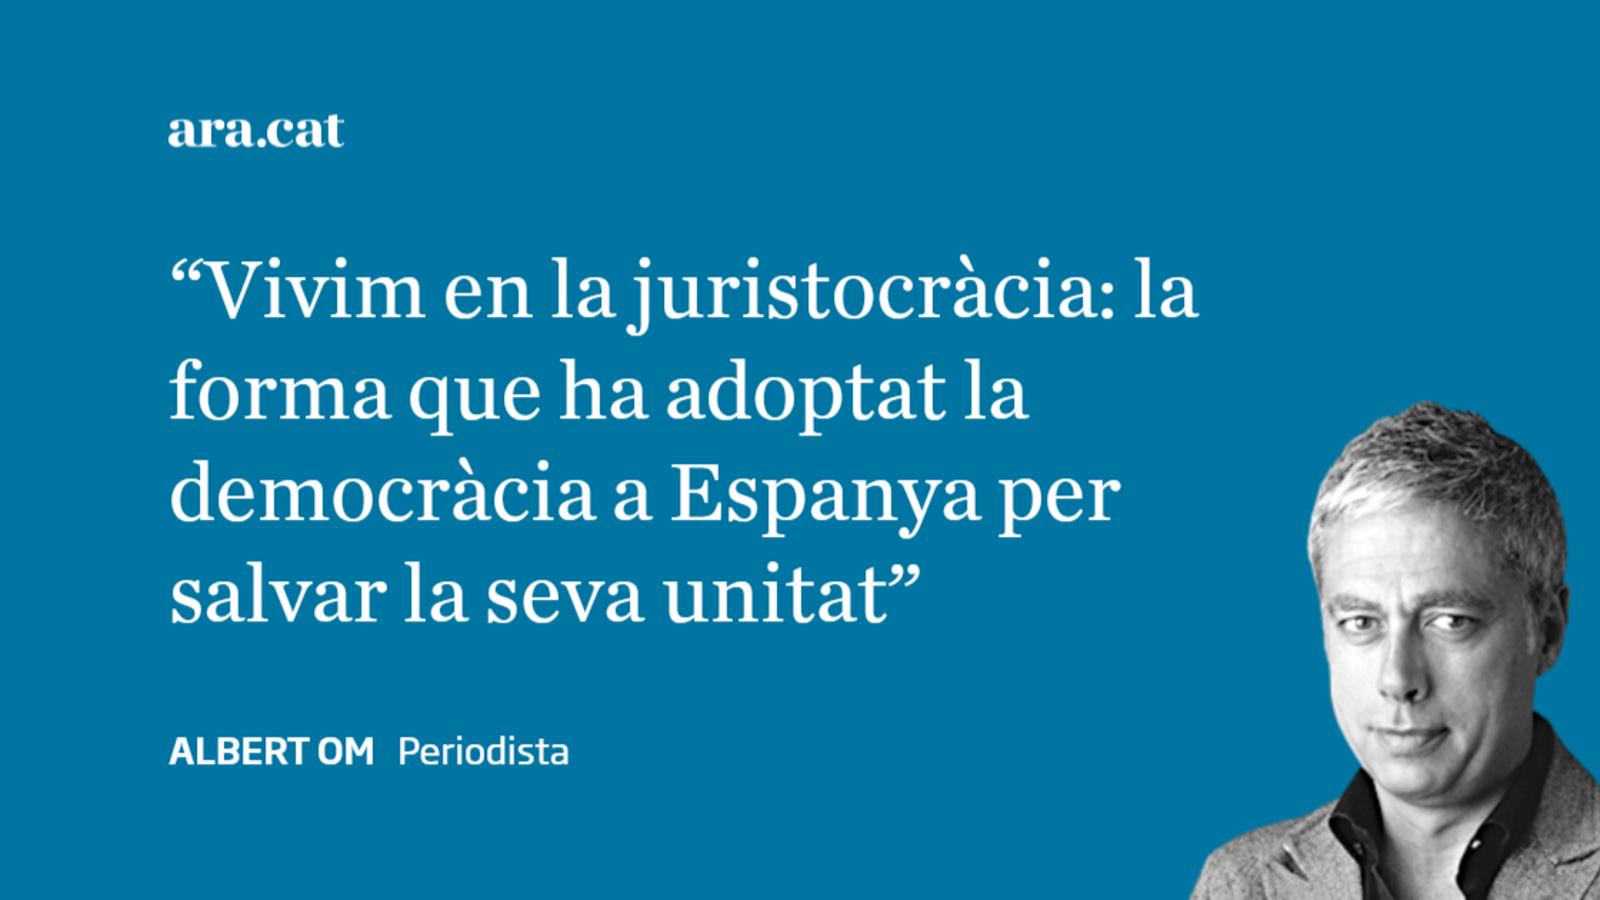 Carta a Javier Zaragoza: 'Visca la juristocràcia!'